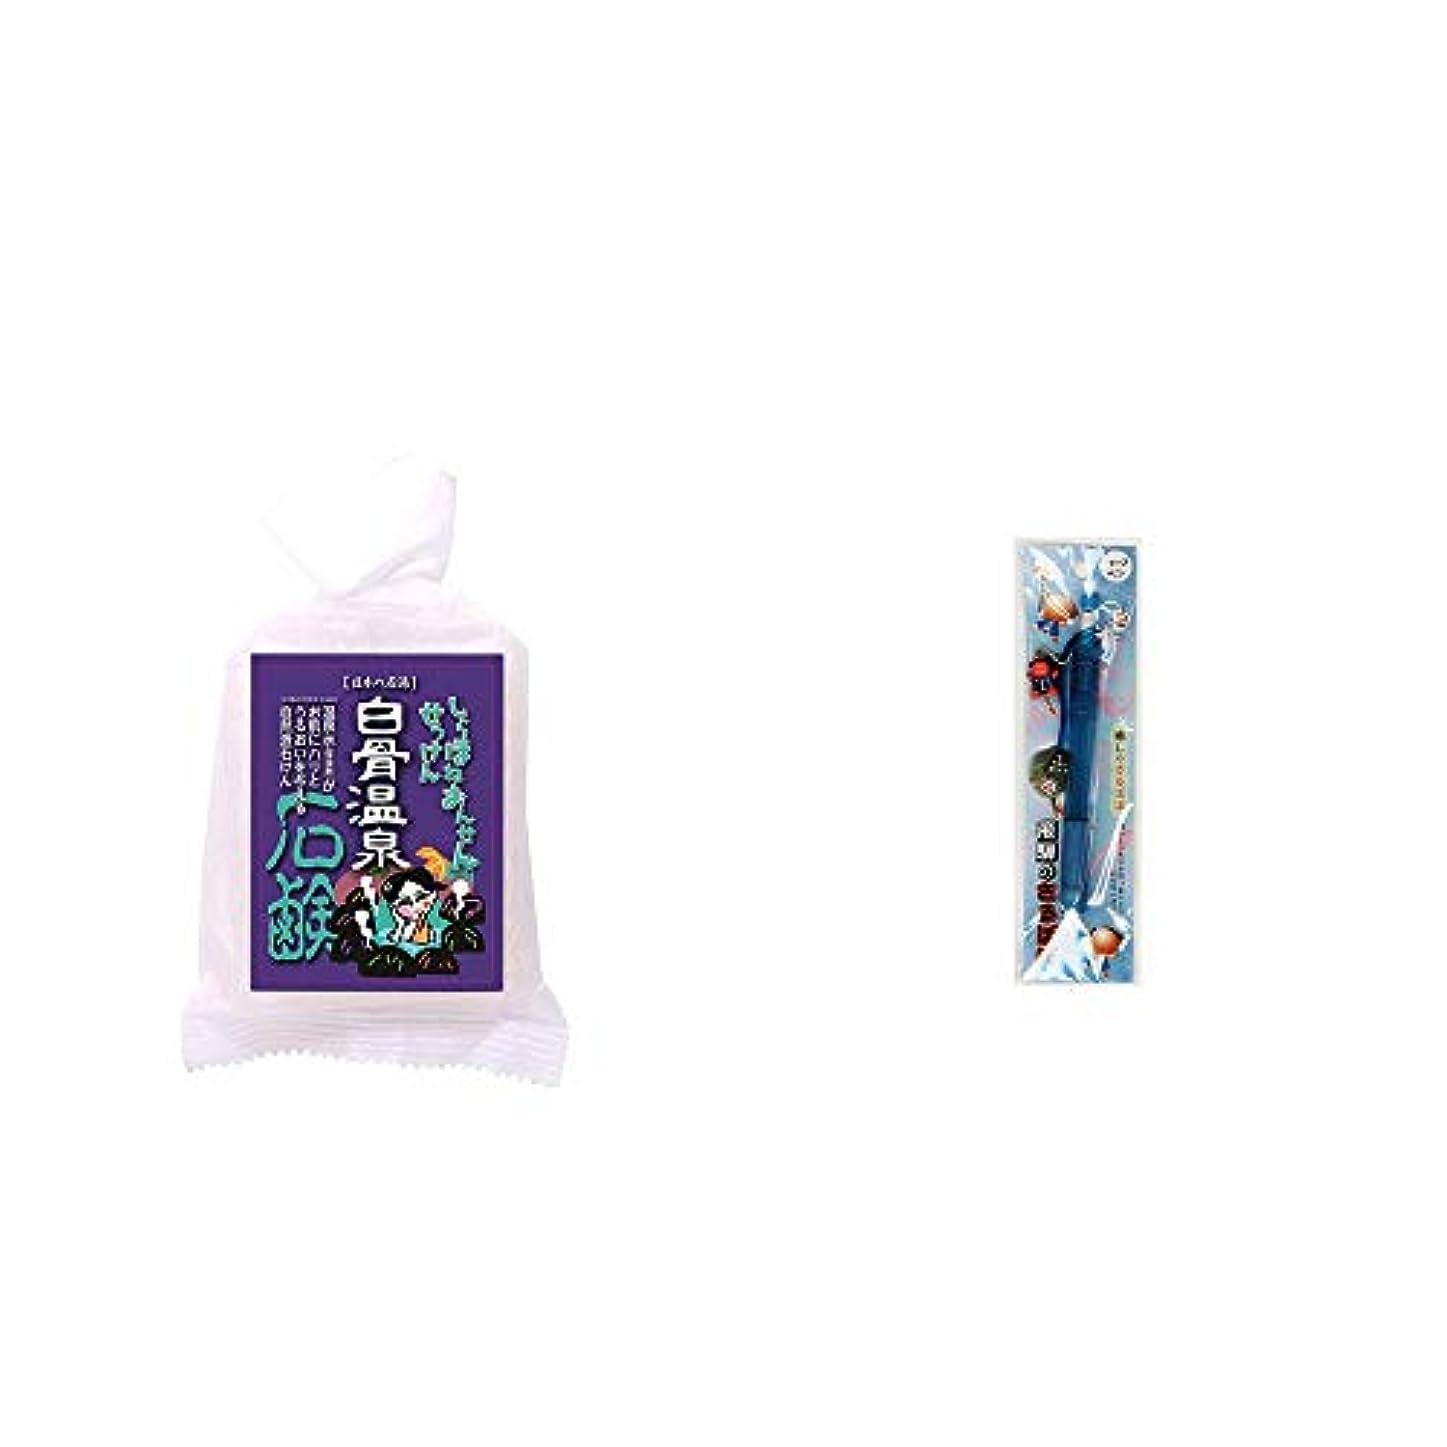 コイン意気揚々量[2点セット] 信州 白骨温泉石鹸(80g)?さるぼぼ 癒しシャープペン 【ブルー】